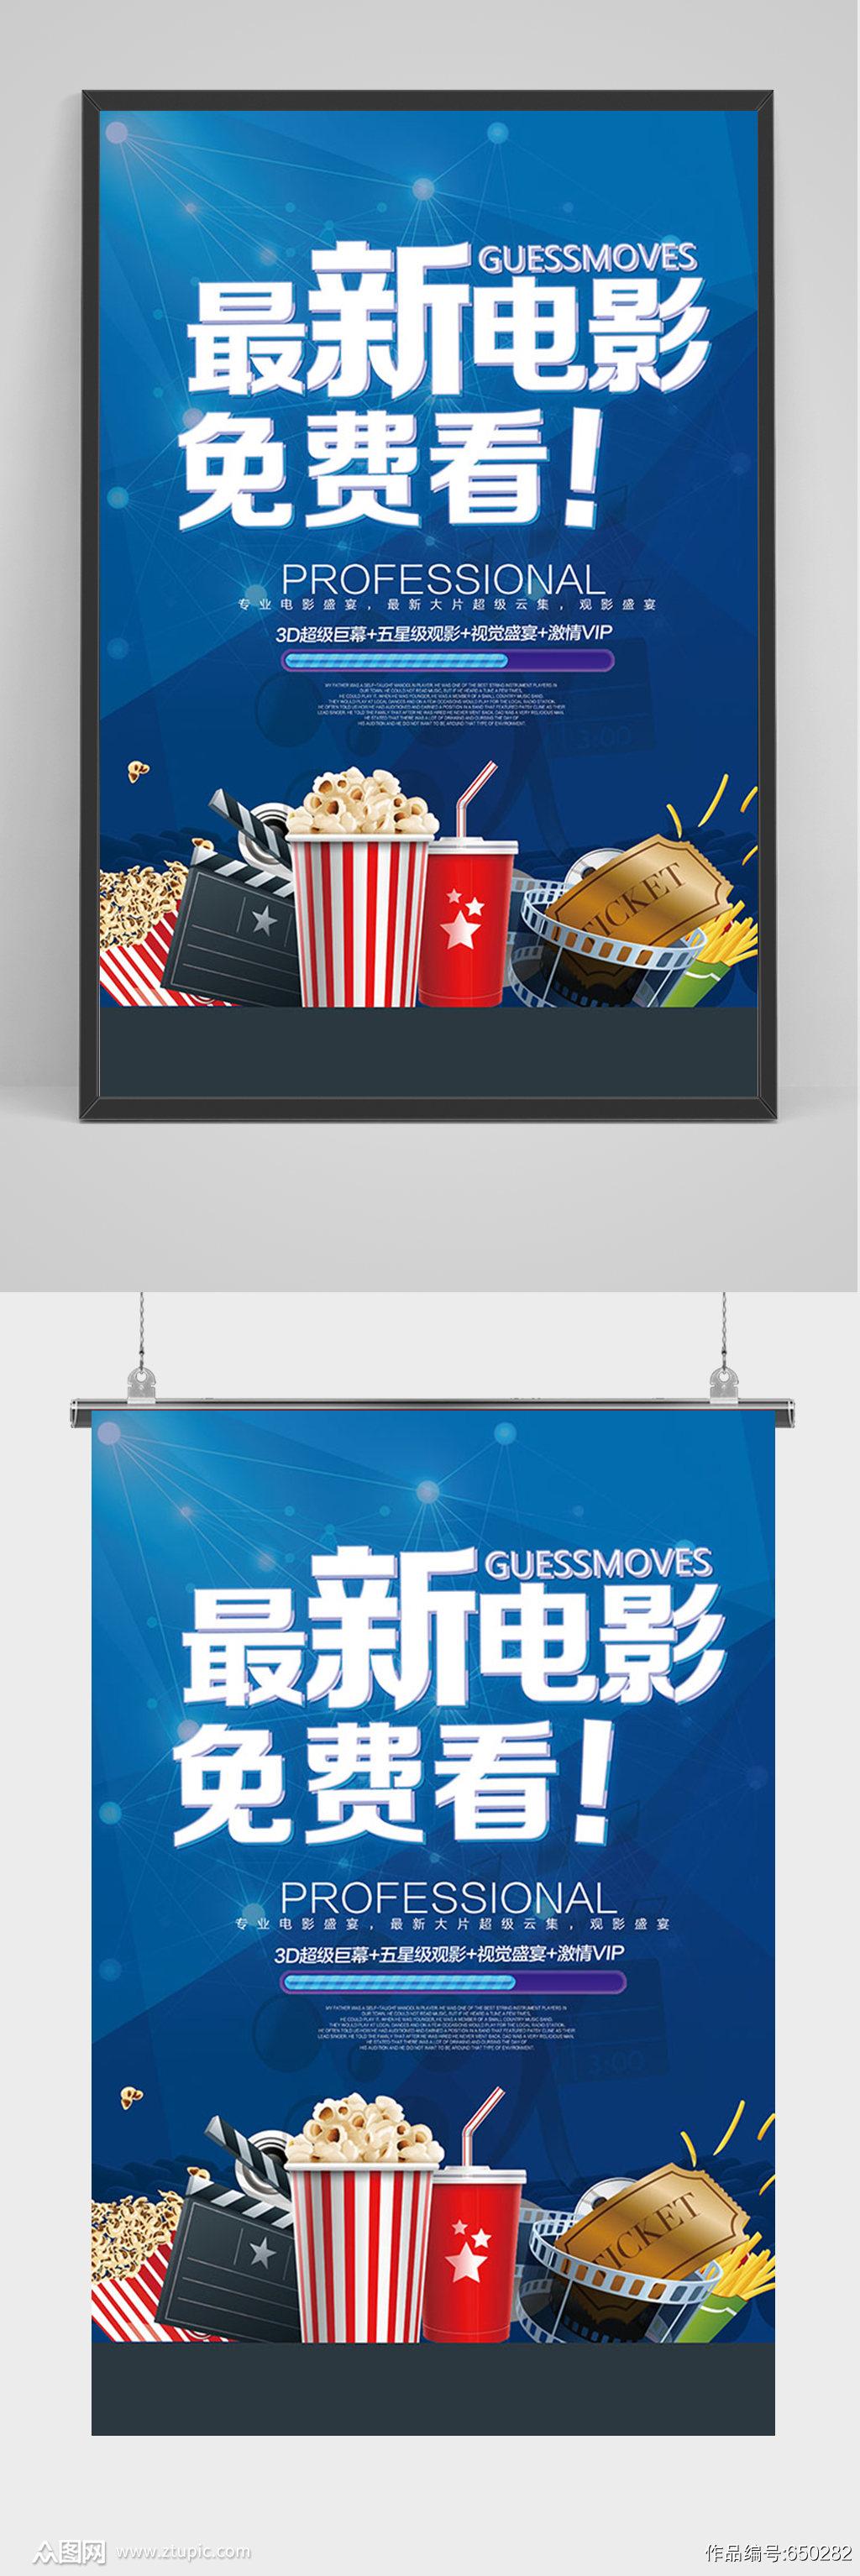 蓝色电影院免费看海报素材